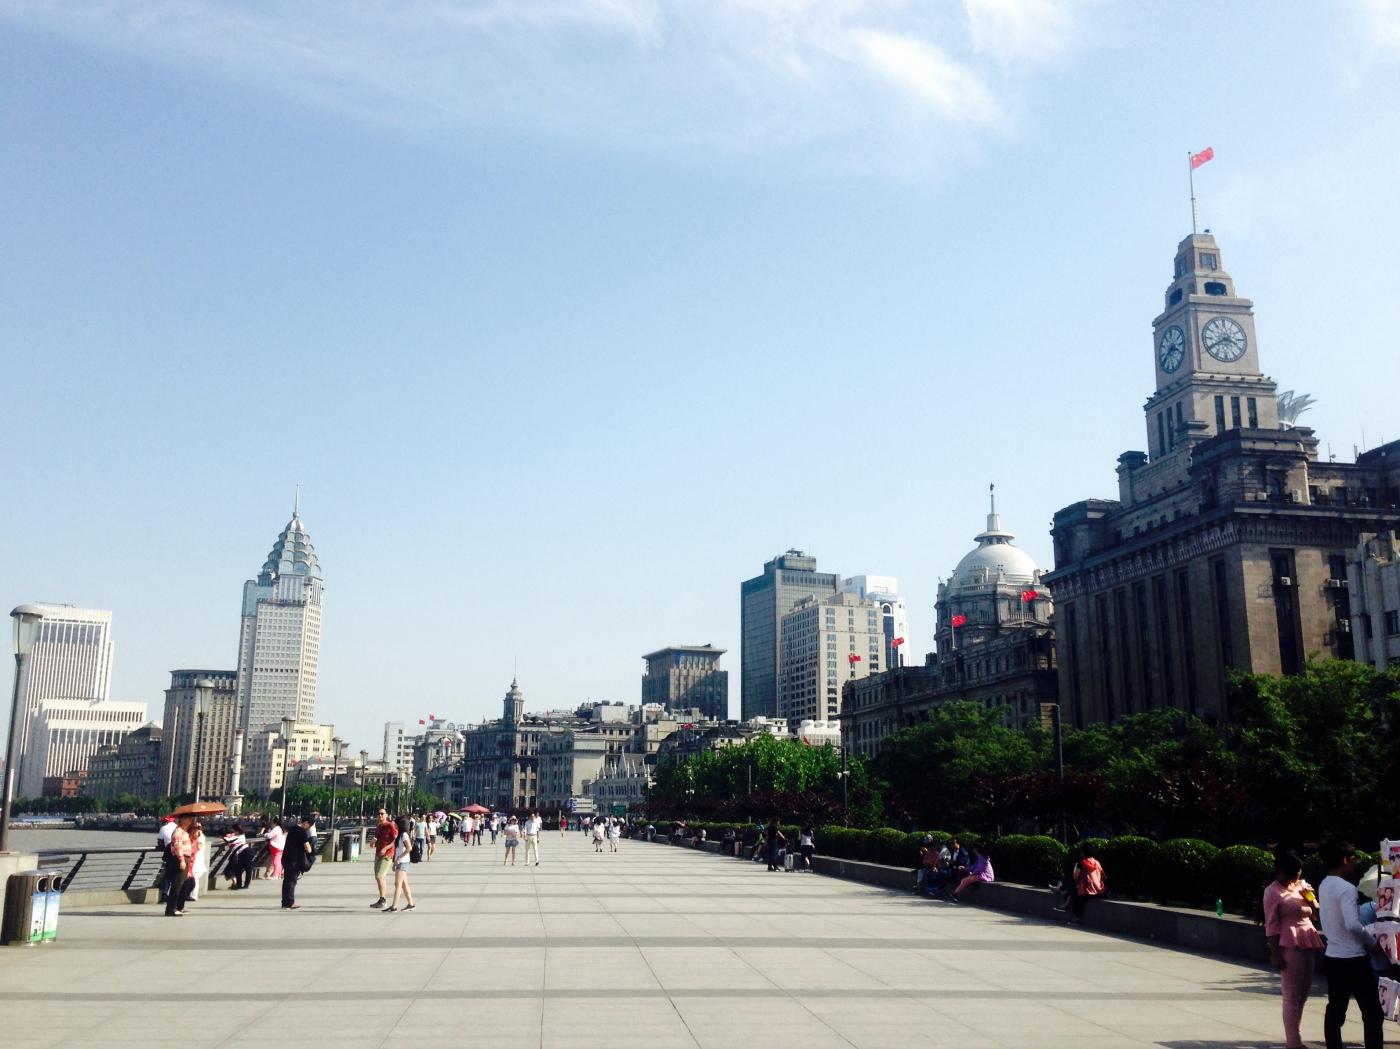 闲逛上海看街景_图1-24